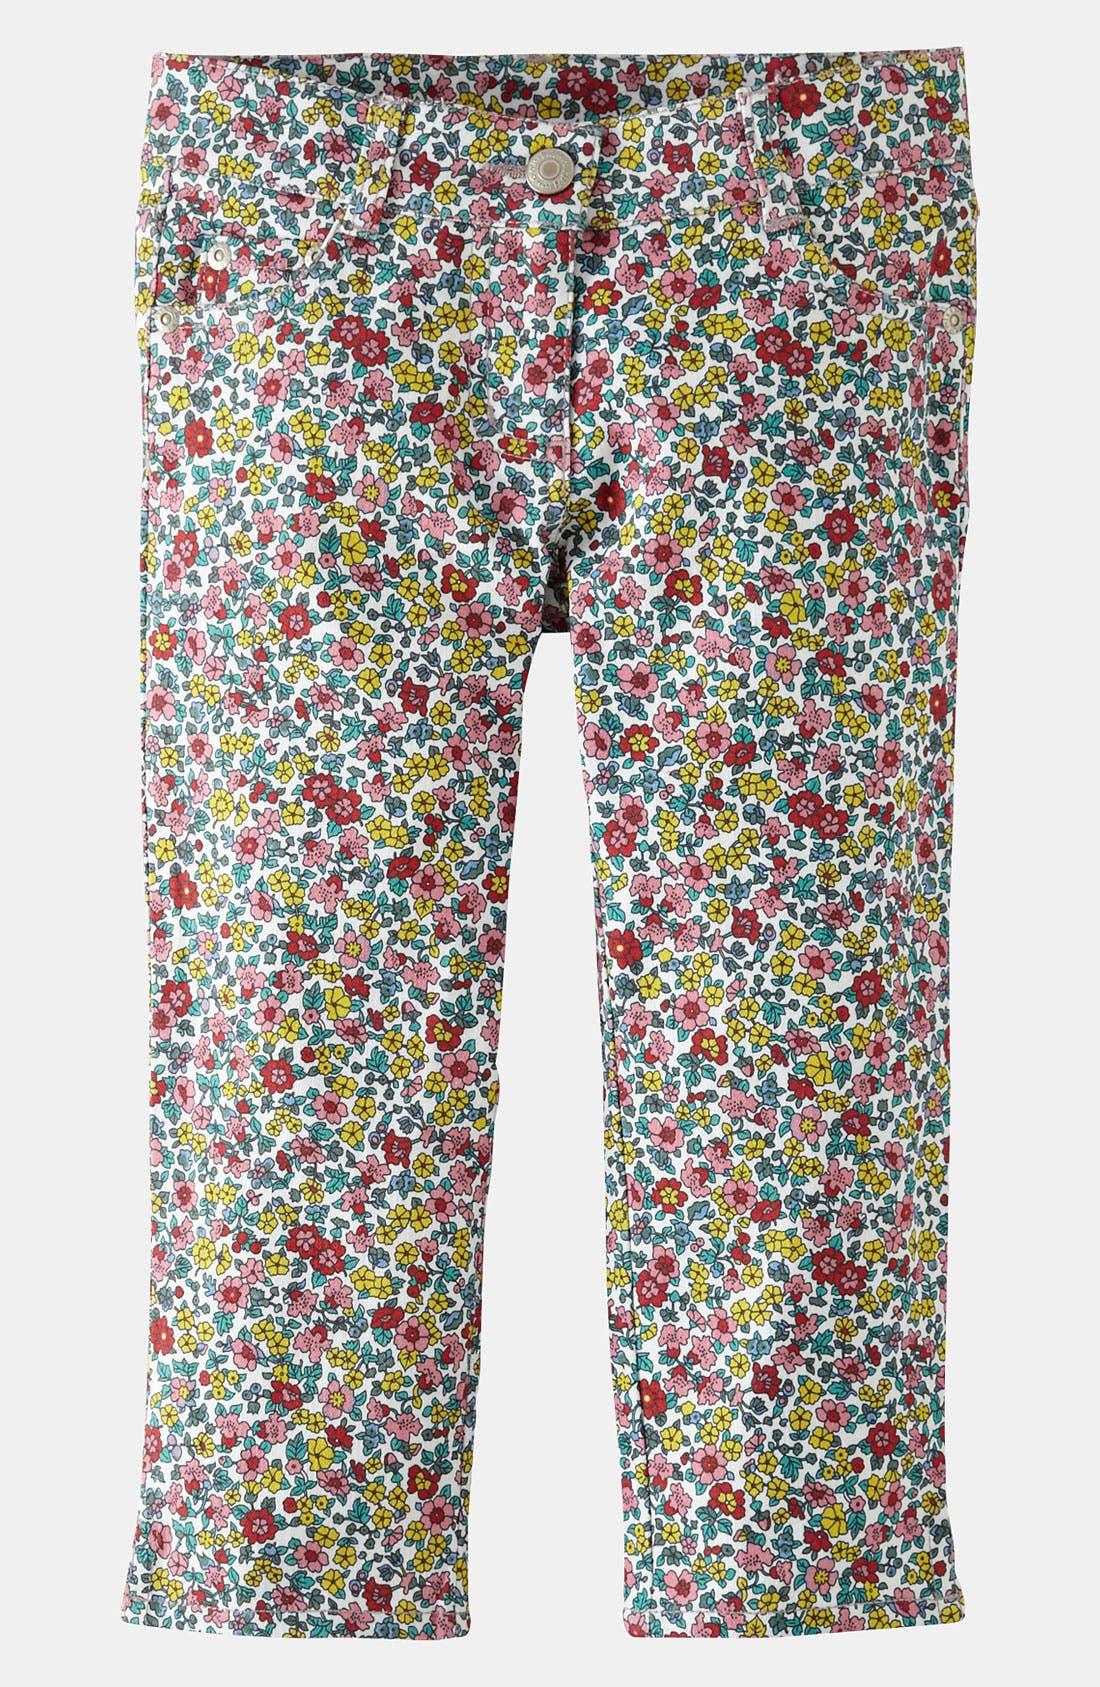 Alternate Image 1 Selected - Mini Boden Capri Pants (Little Girls & Big Girls)